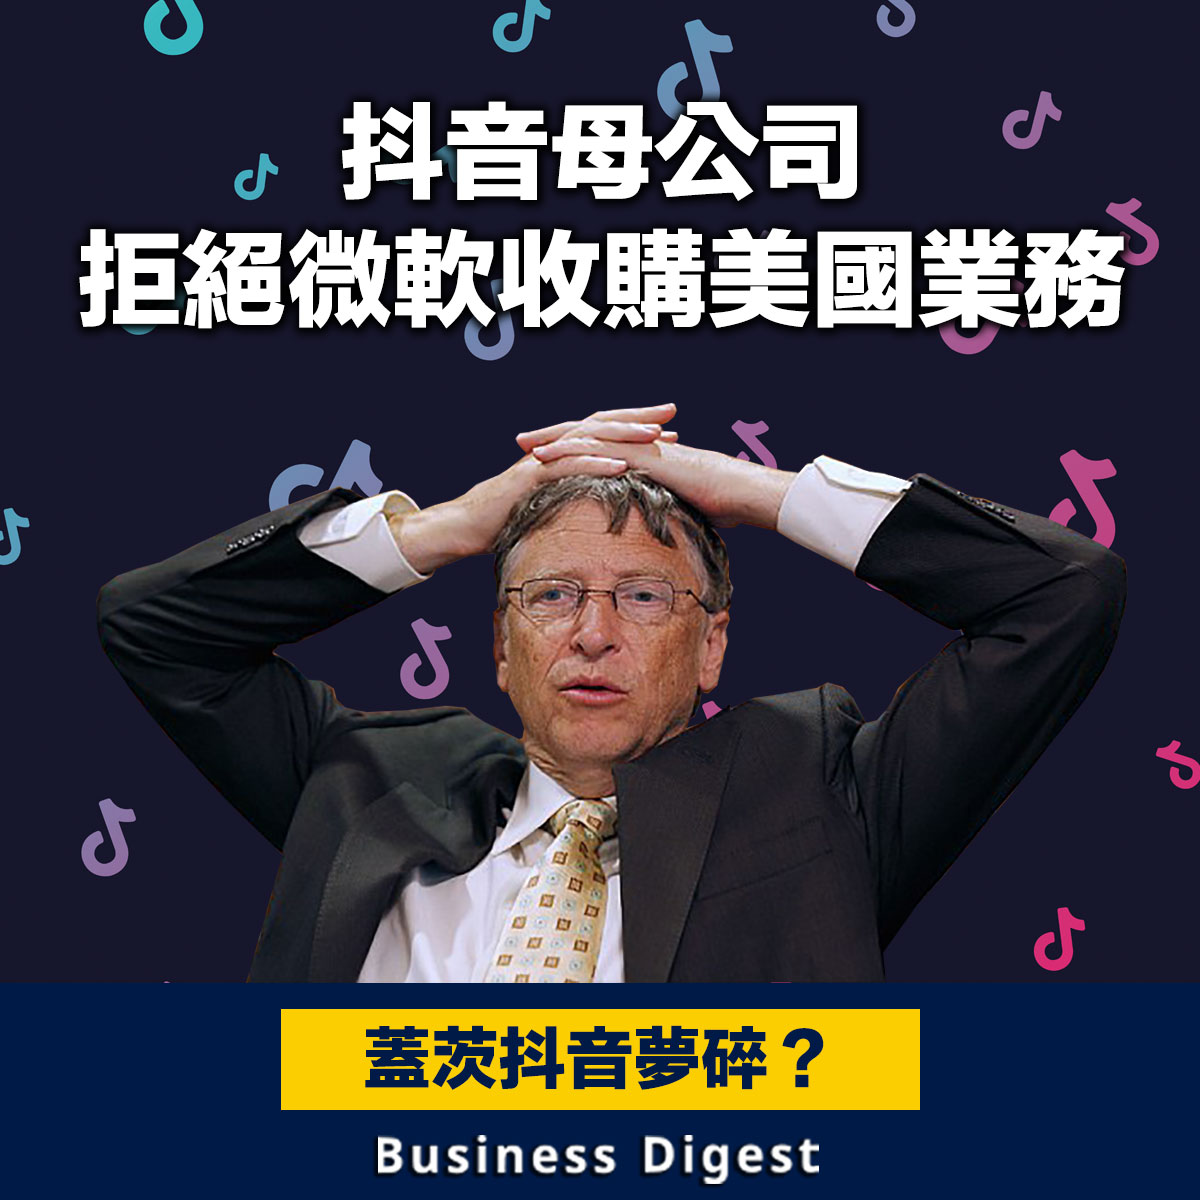 【商業熱話】抖音母公司拒絕微軟收購美國業務,甲骨文或成贏家?